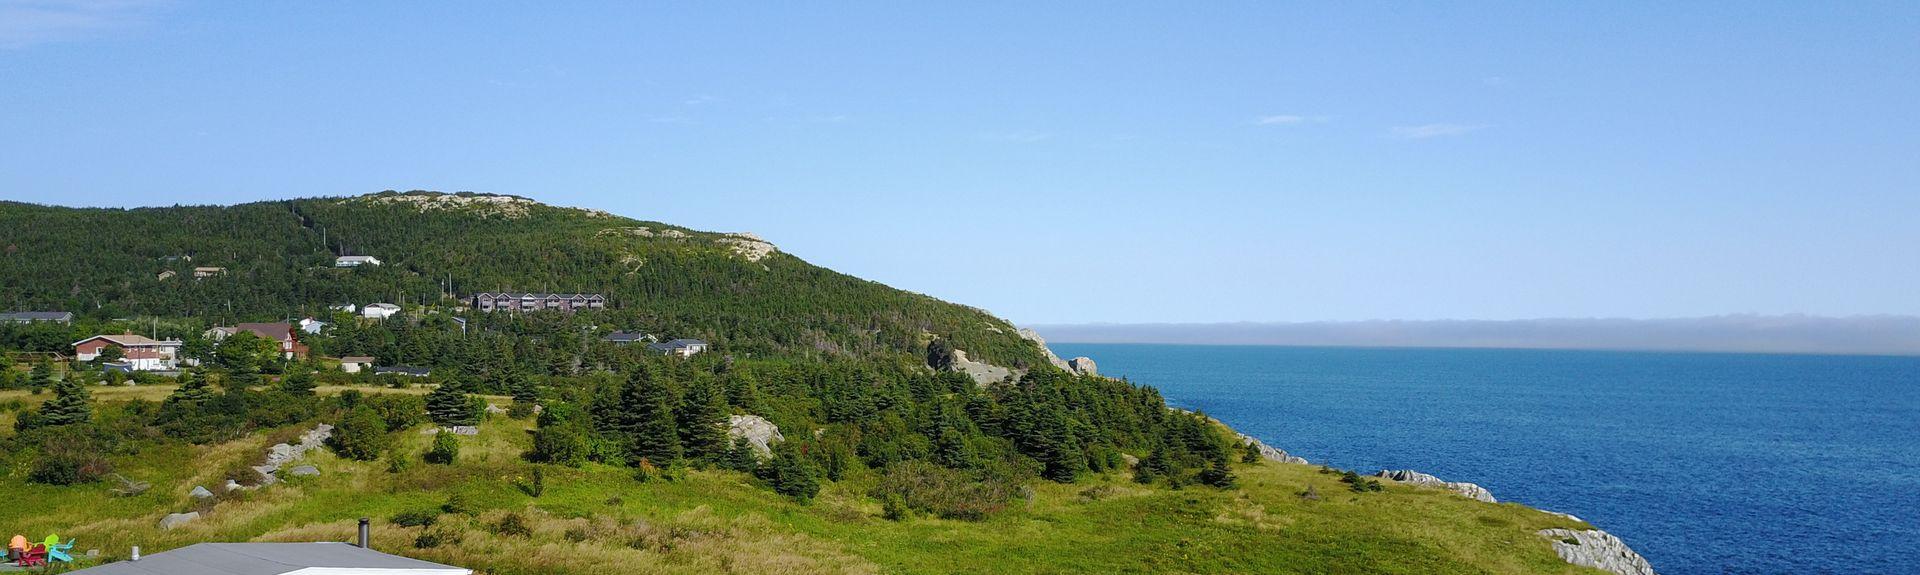 Signal Hill, St John's, Newfoundland and Labrador, CA